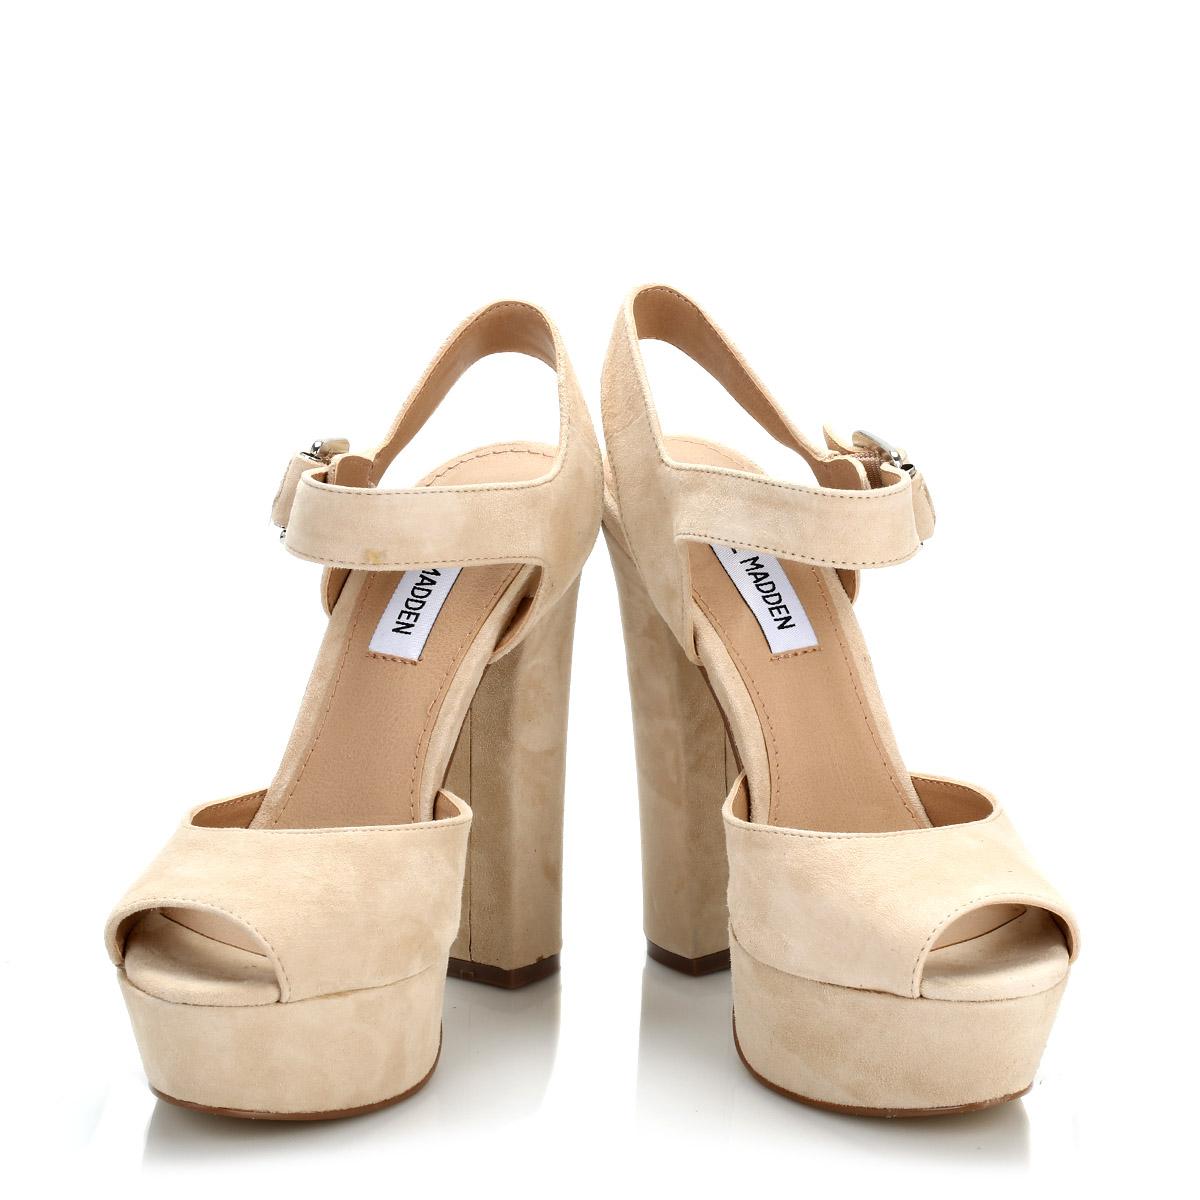 steve madden womens blush jillyy suede high heels beige